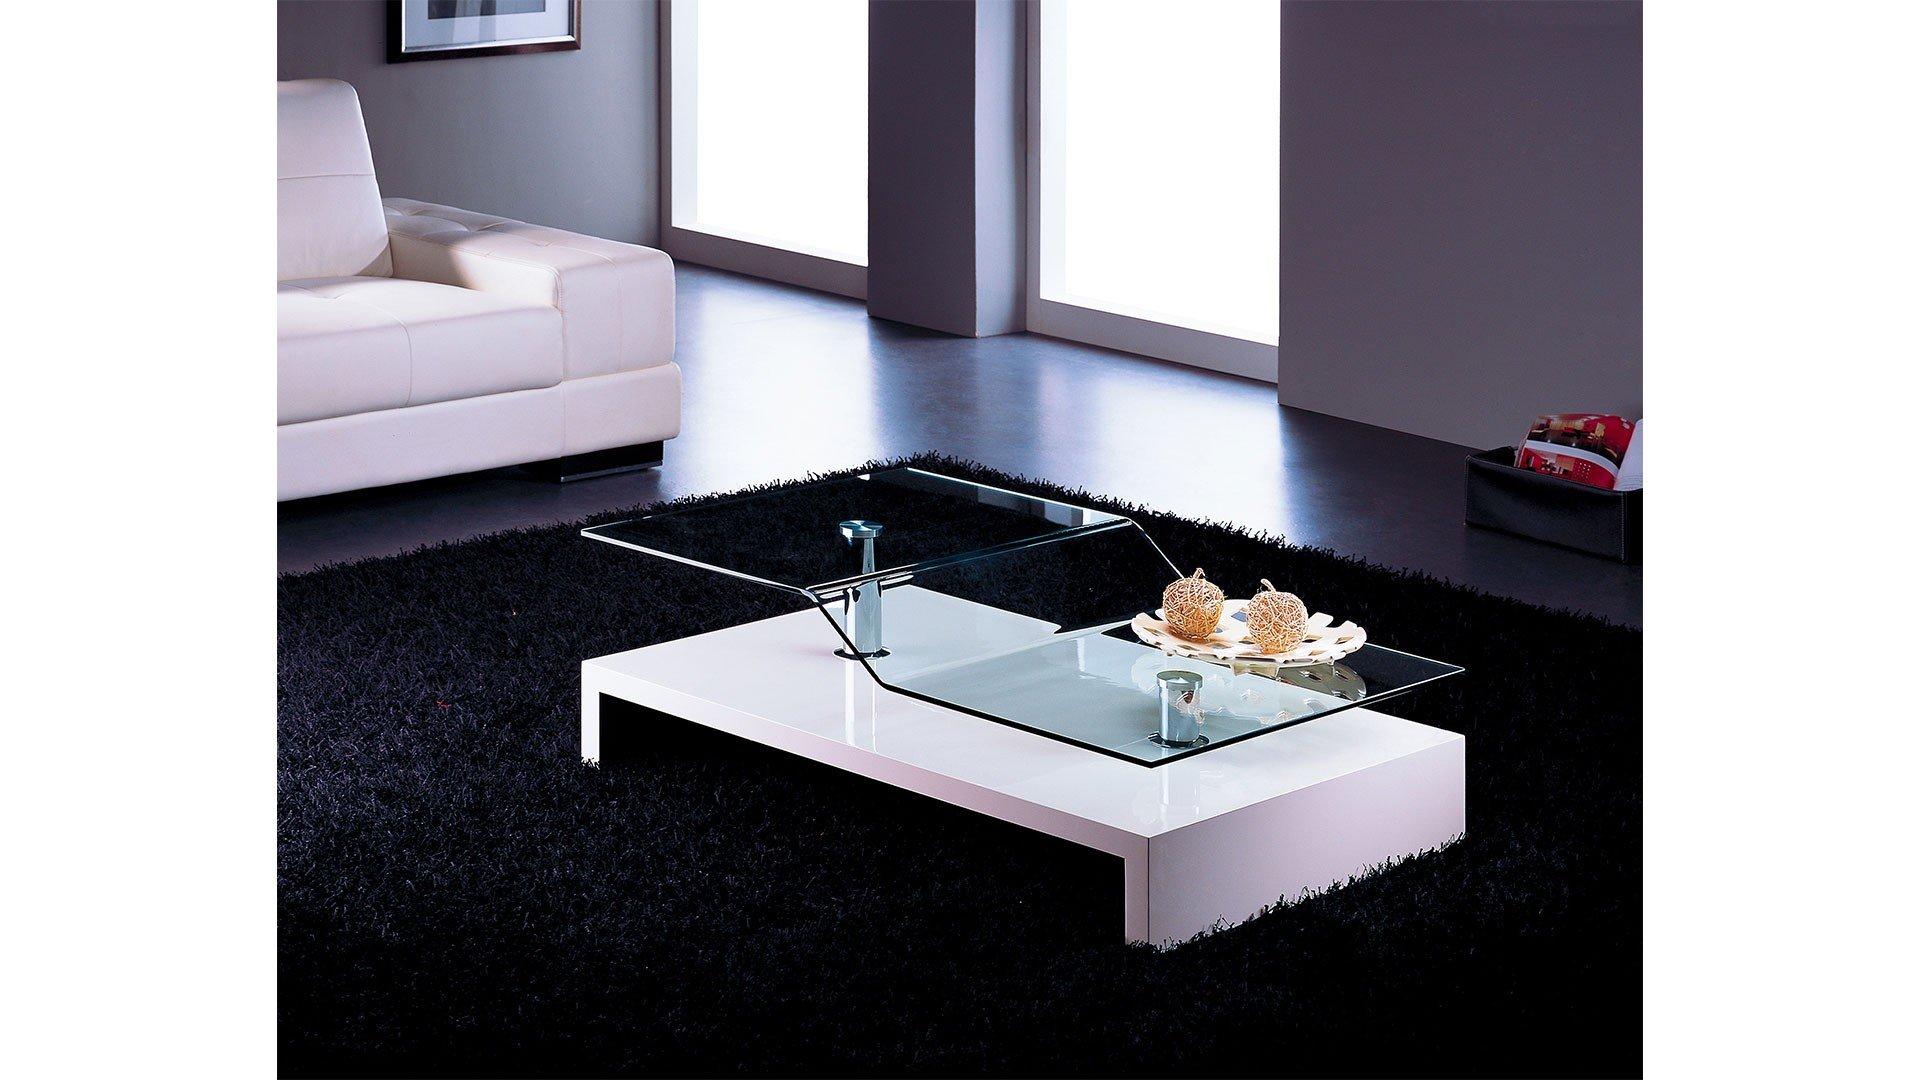 At Home skuC0115 Quatro White Lacquer Coffee Table